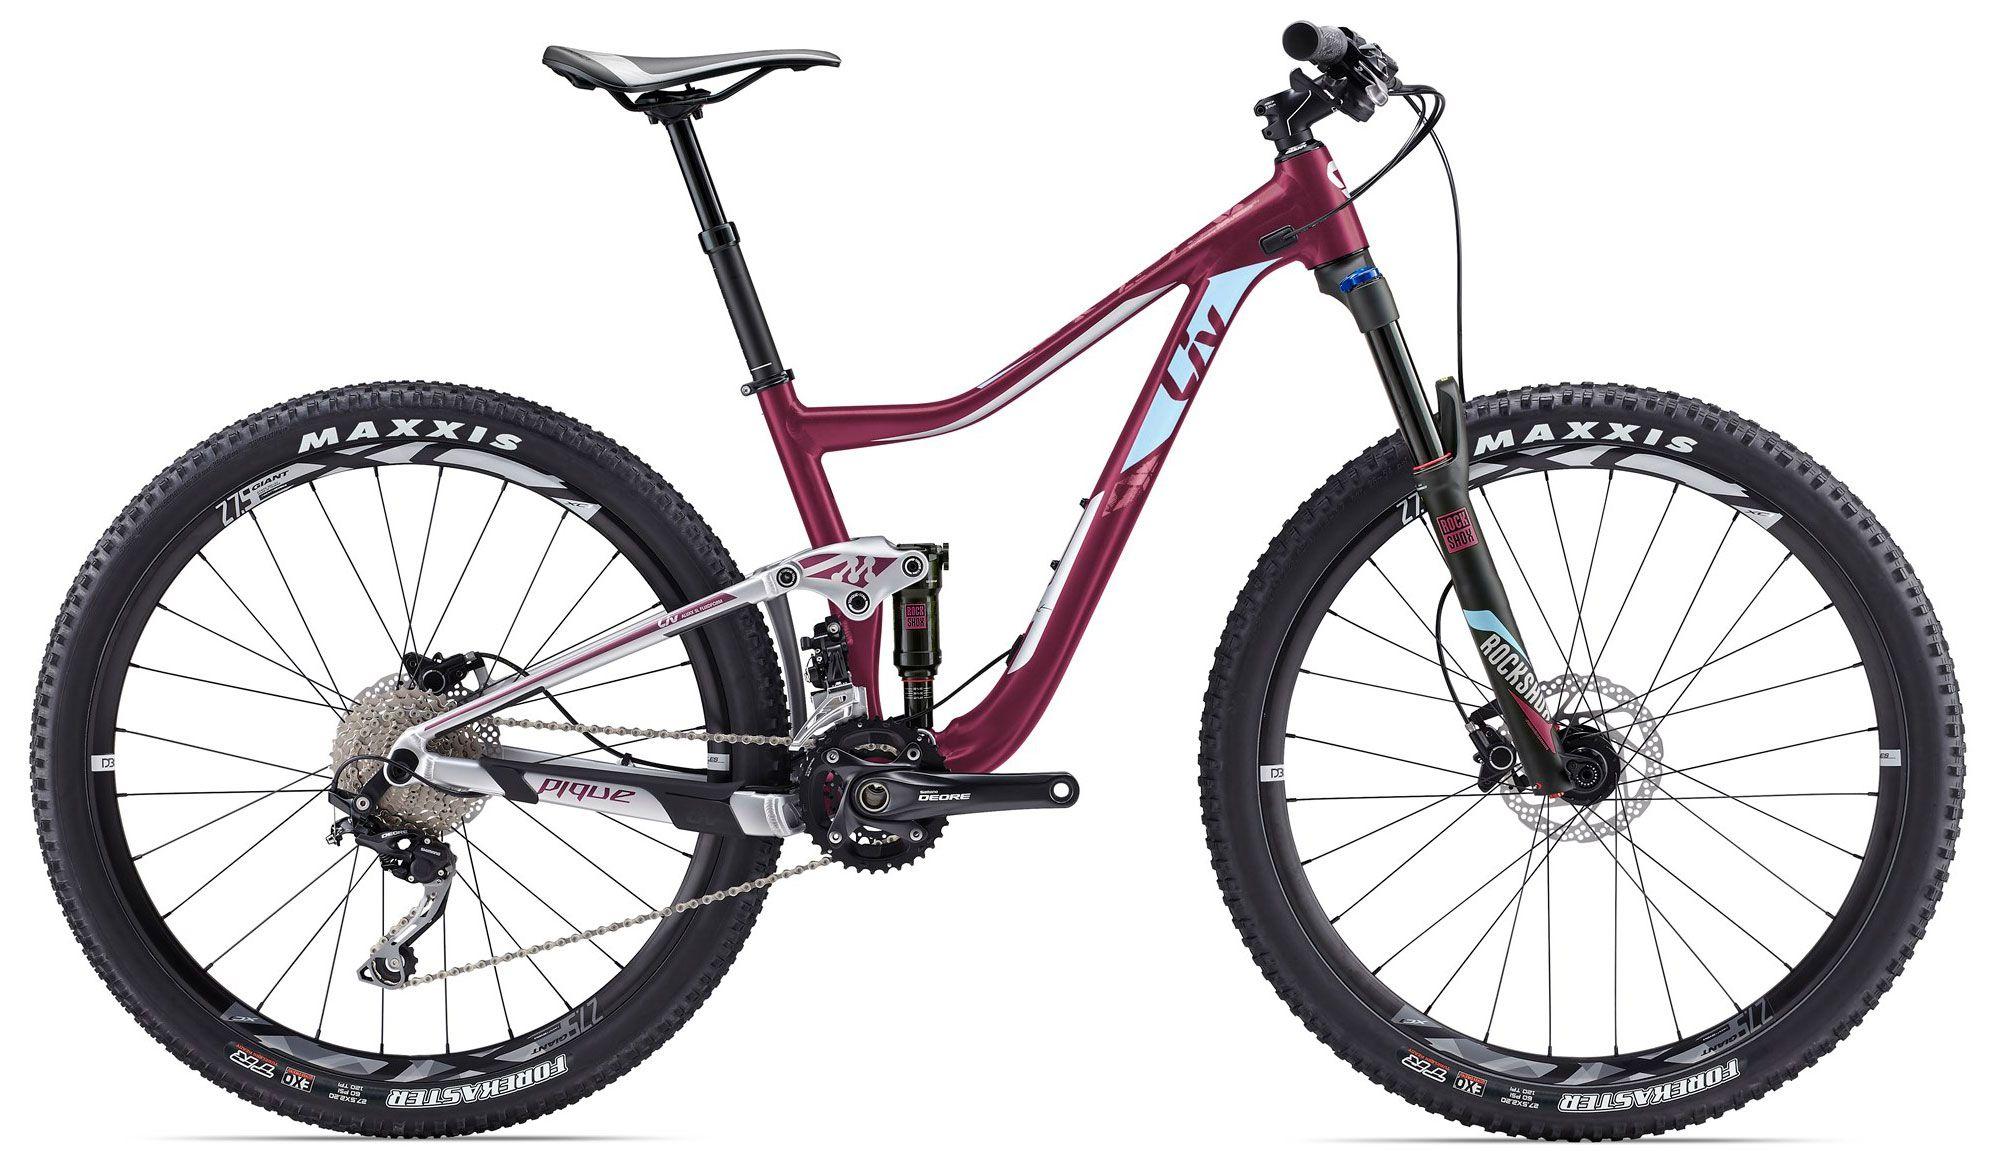 Велосипед Giant Pique 3 2018 велосипед giant momentum iride rocker 3 2018